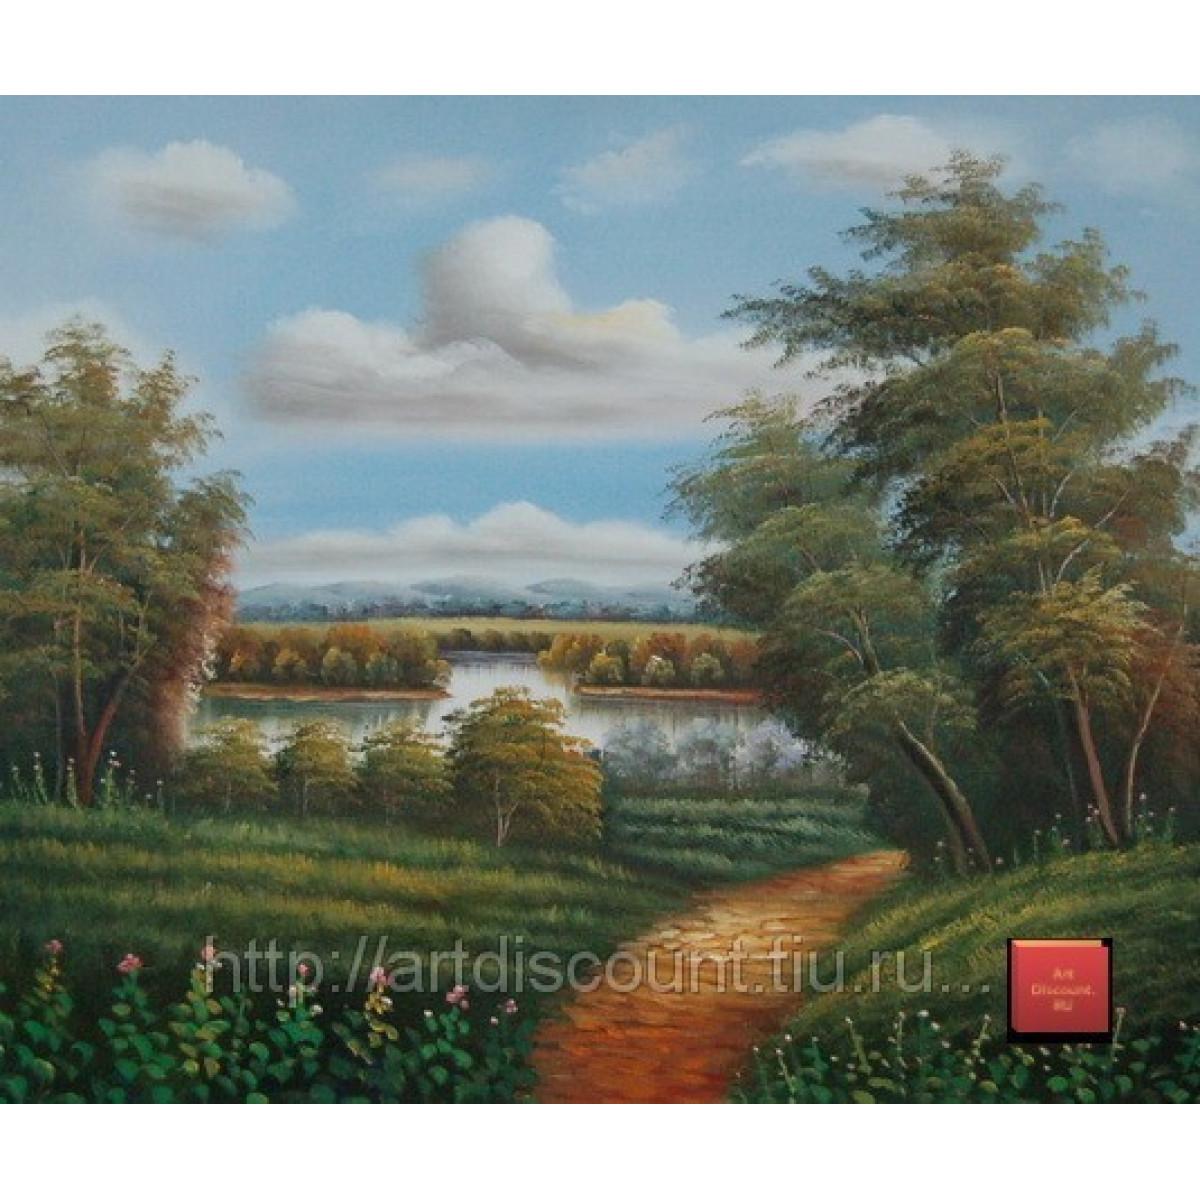 """Картина """"Летний пейзаж"""", холст, масло, 50х60см"""